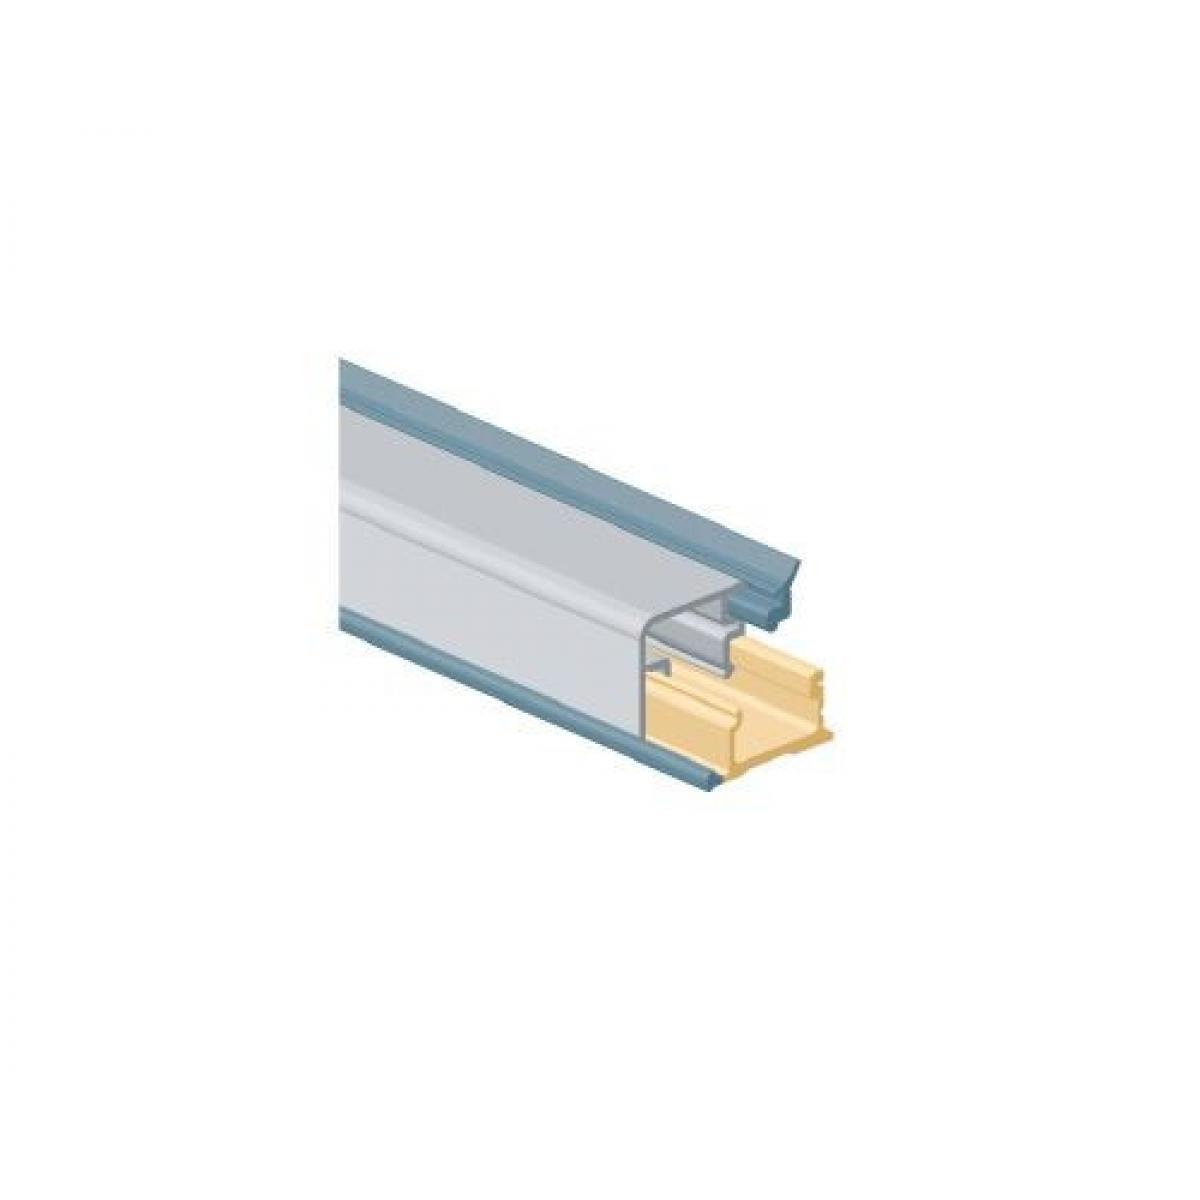 Плинтус столешницы R360 H15 L3,9м цвет алюминий